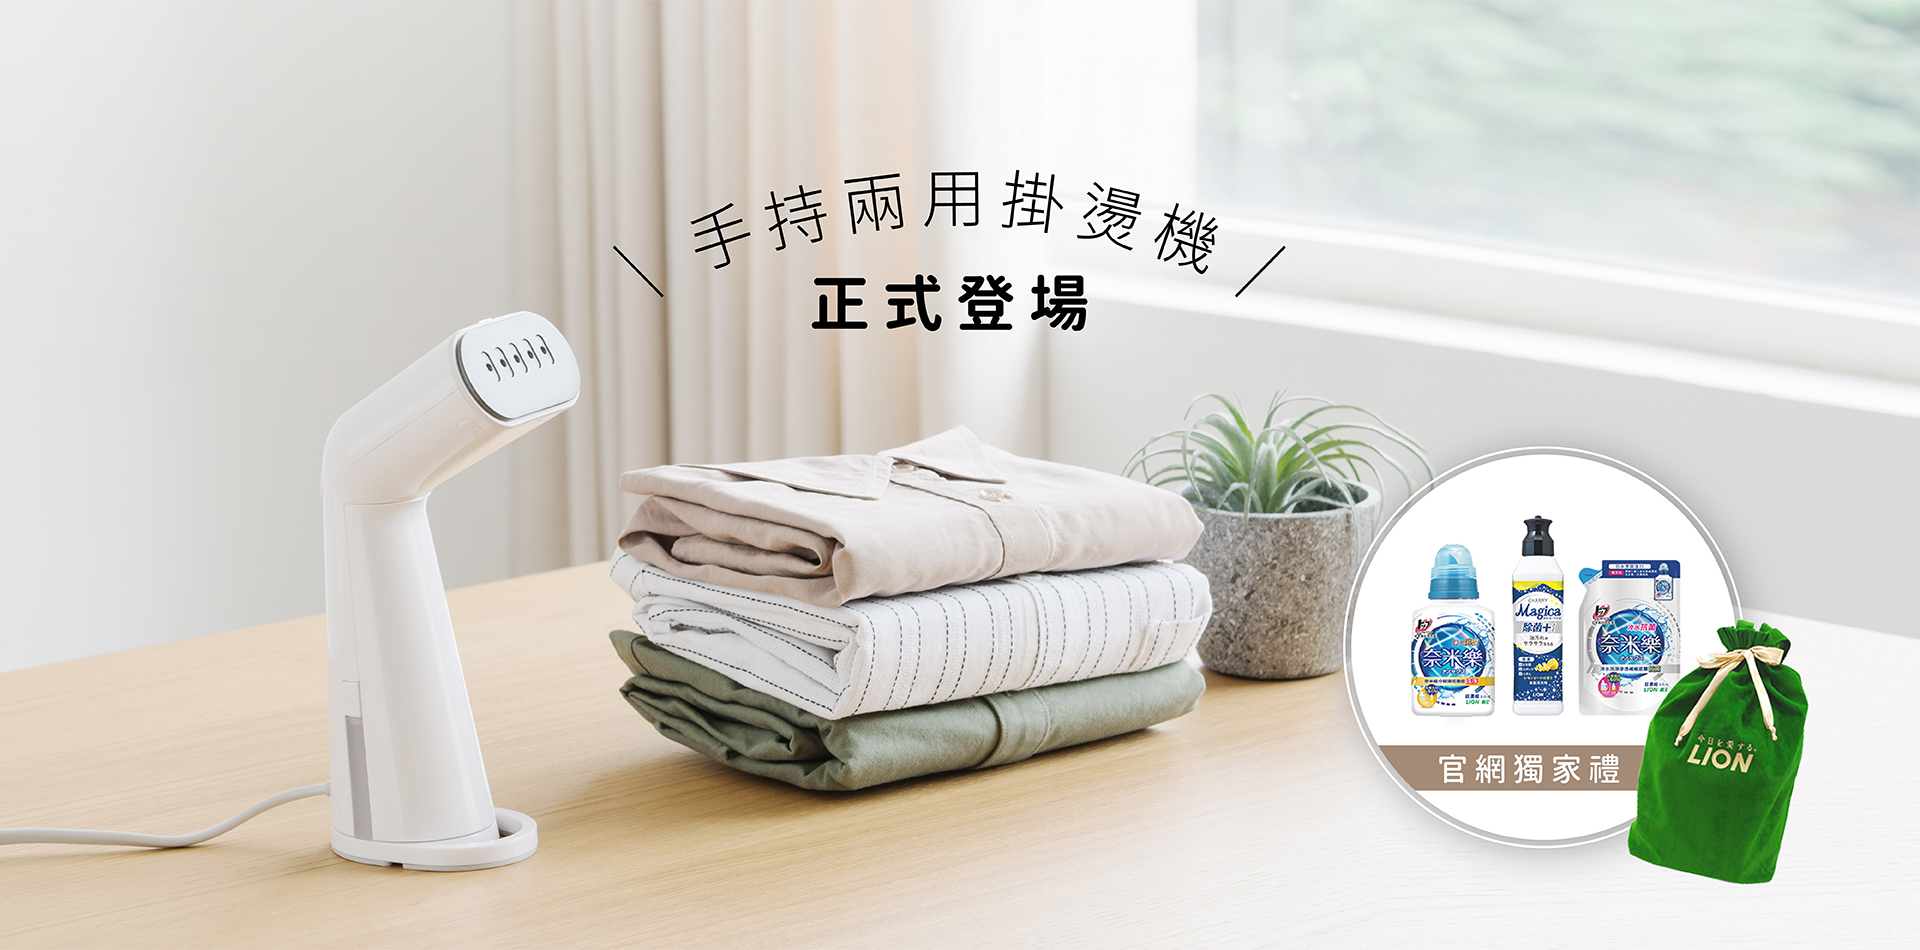 【官網獨家】買掛燙機贈日本獅王奈米樂超濃縮洗衣組合包(市價$599)